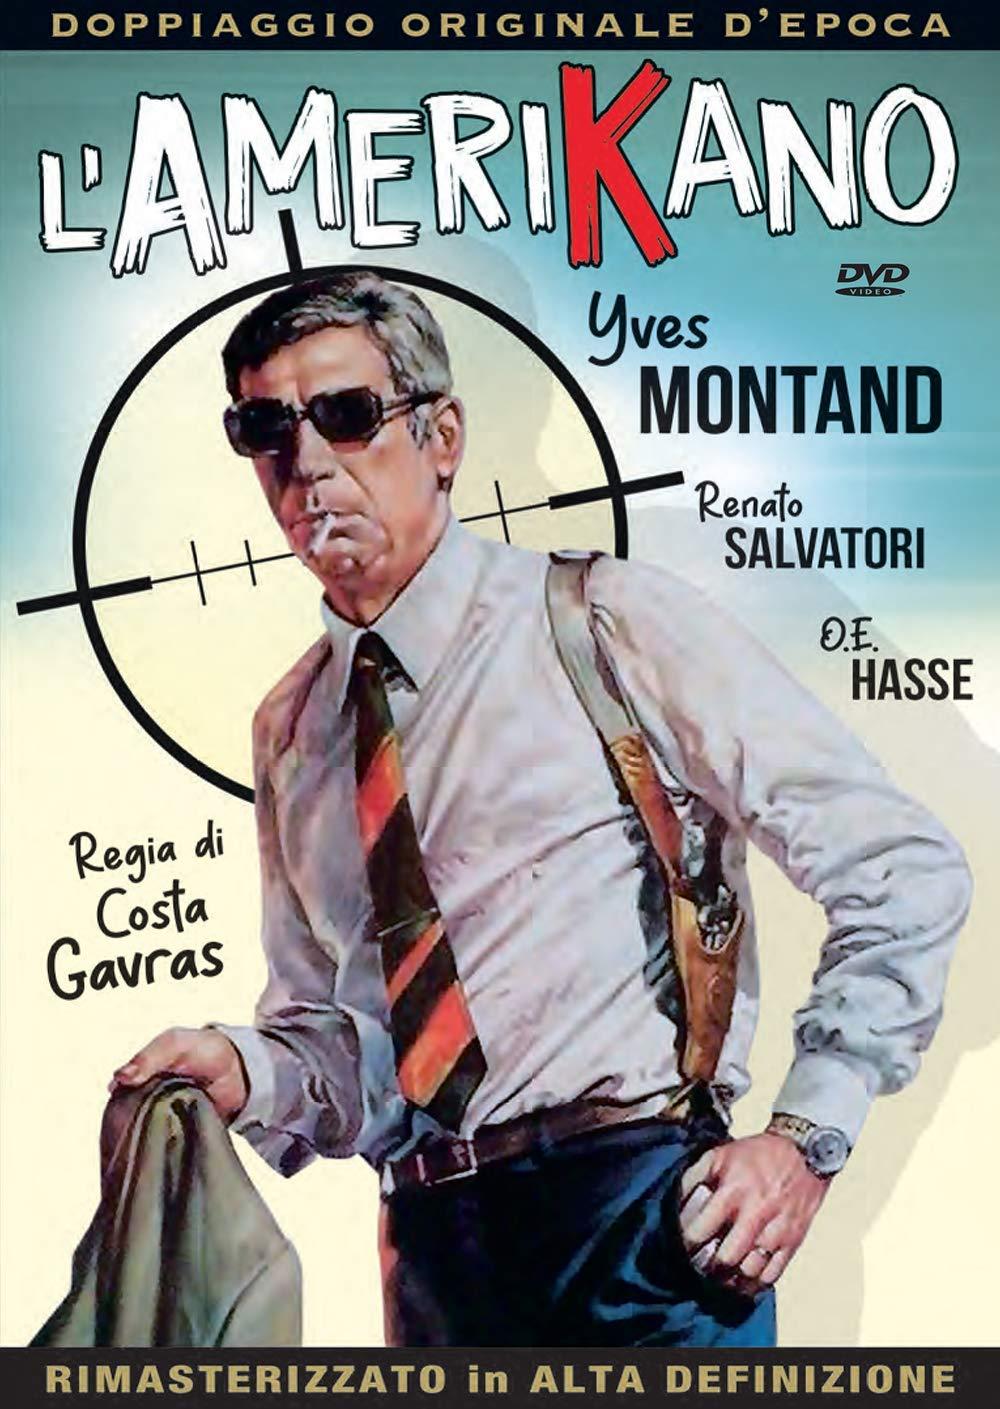 L'AMERIKANO (DVD)